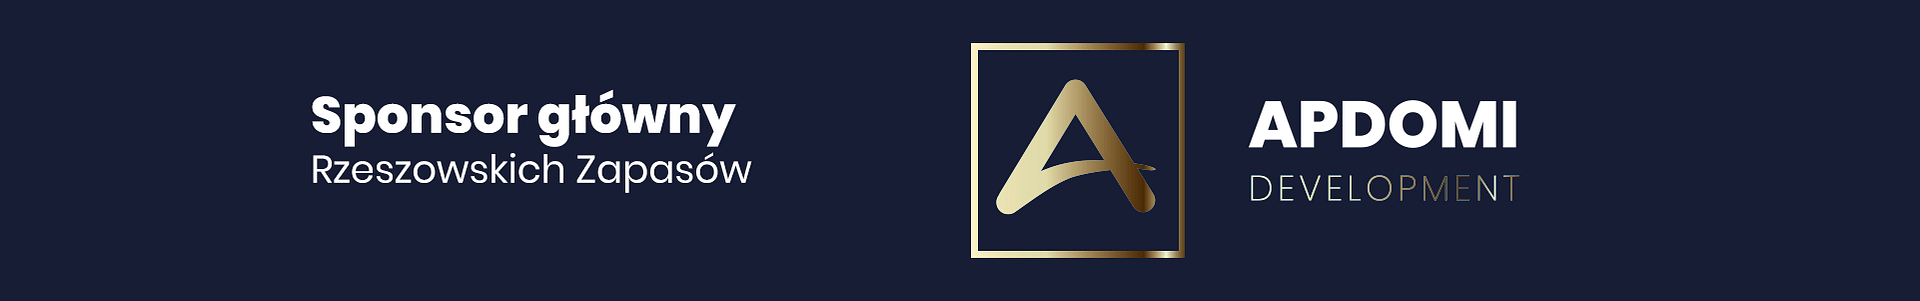 sponsor-granatowy